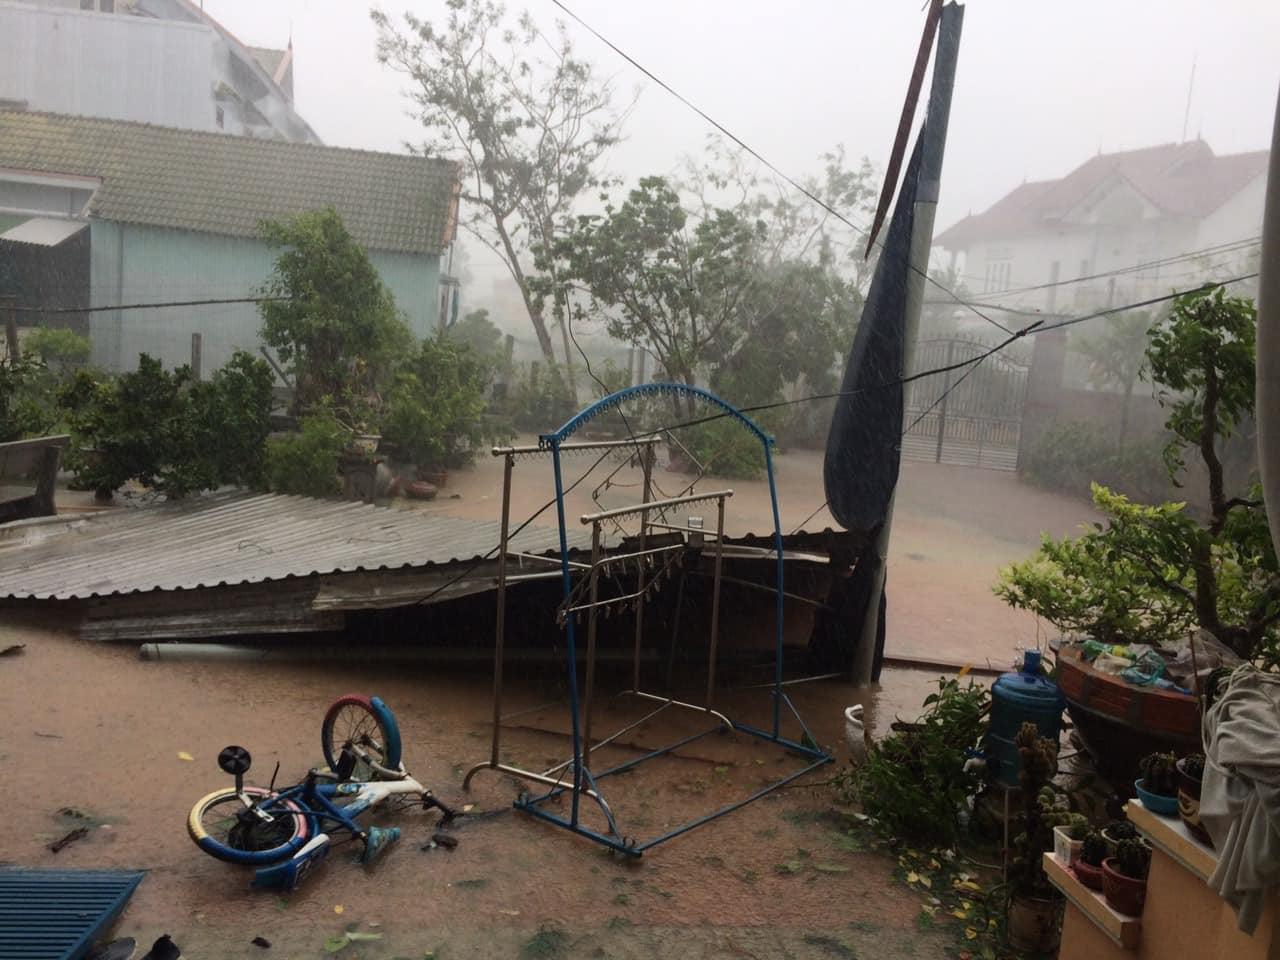 Đồ đạc, vật dụng xiêu vẹo, hoang tàn sau bão ở huyện Đức Mộ, Quảng Ngãi. Ảnh: Page Quảng Ngãi Đẹp.